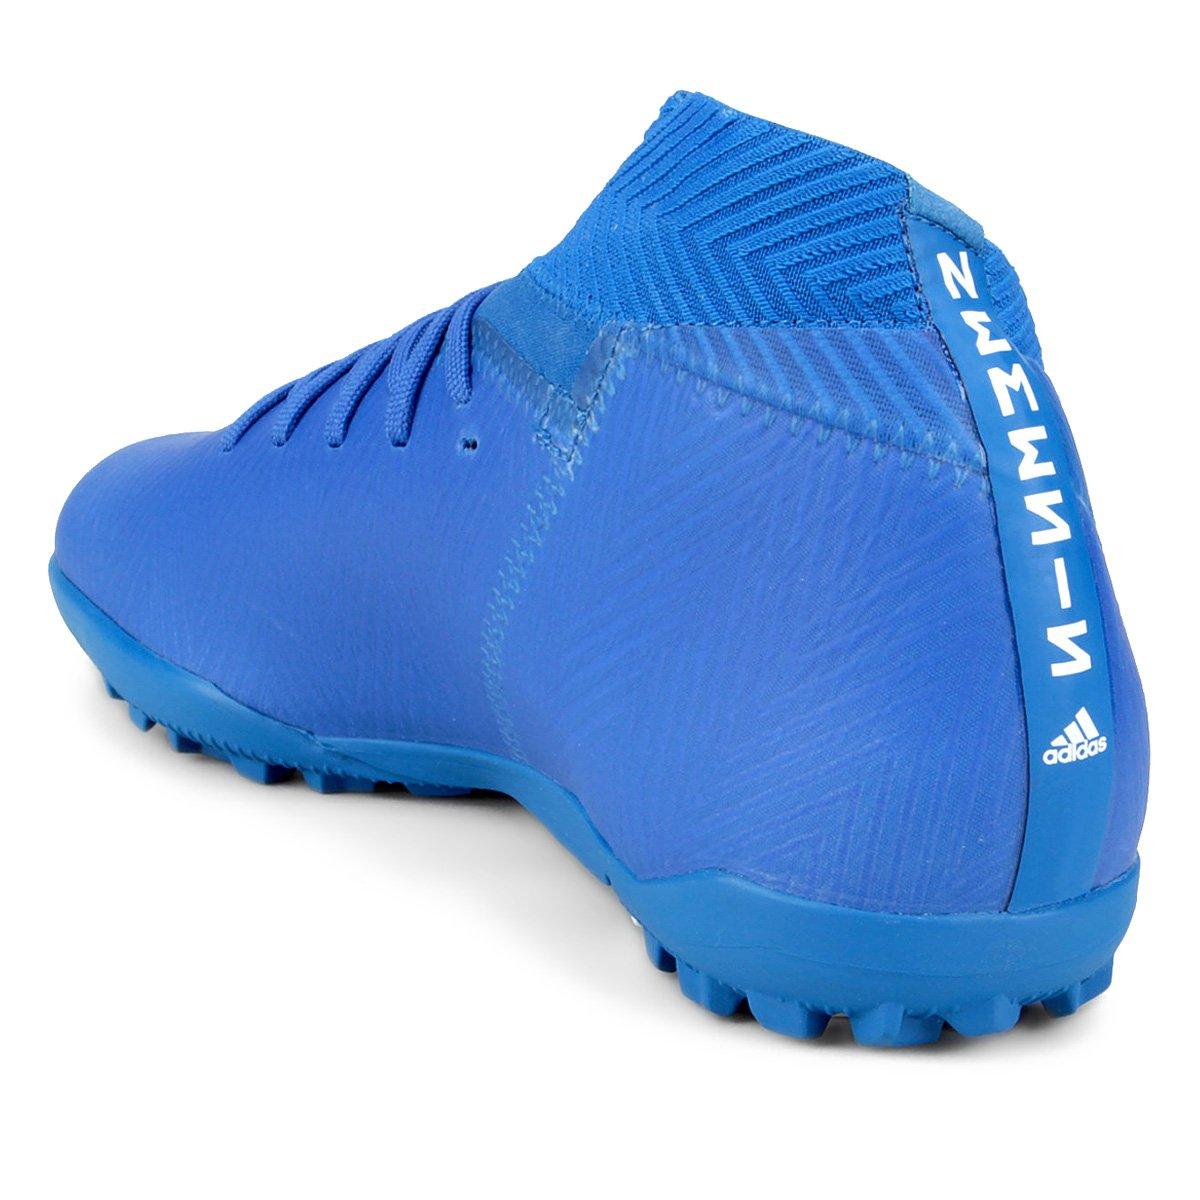 a5af14263b Chuteira Society Adidas Nemeziz Tango 18 3 TF - Azul e Branco ...